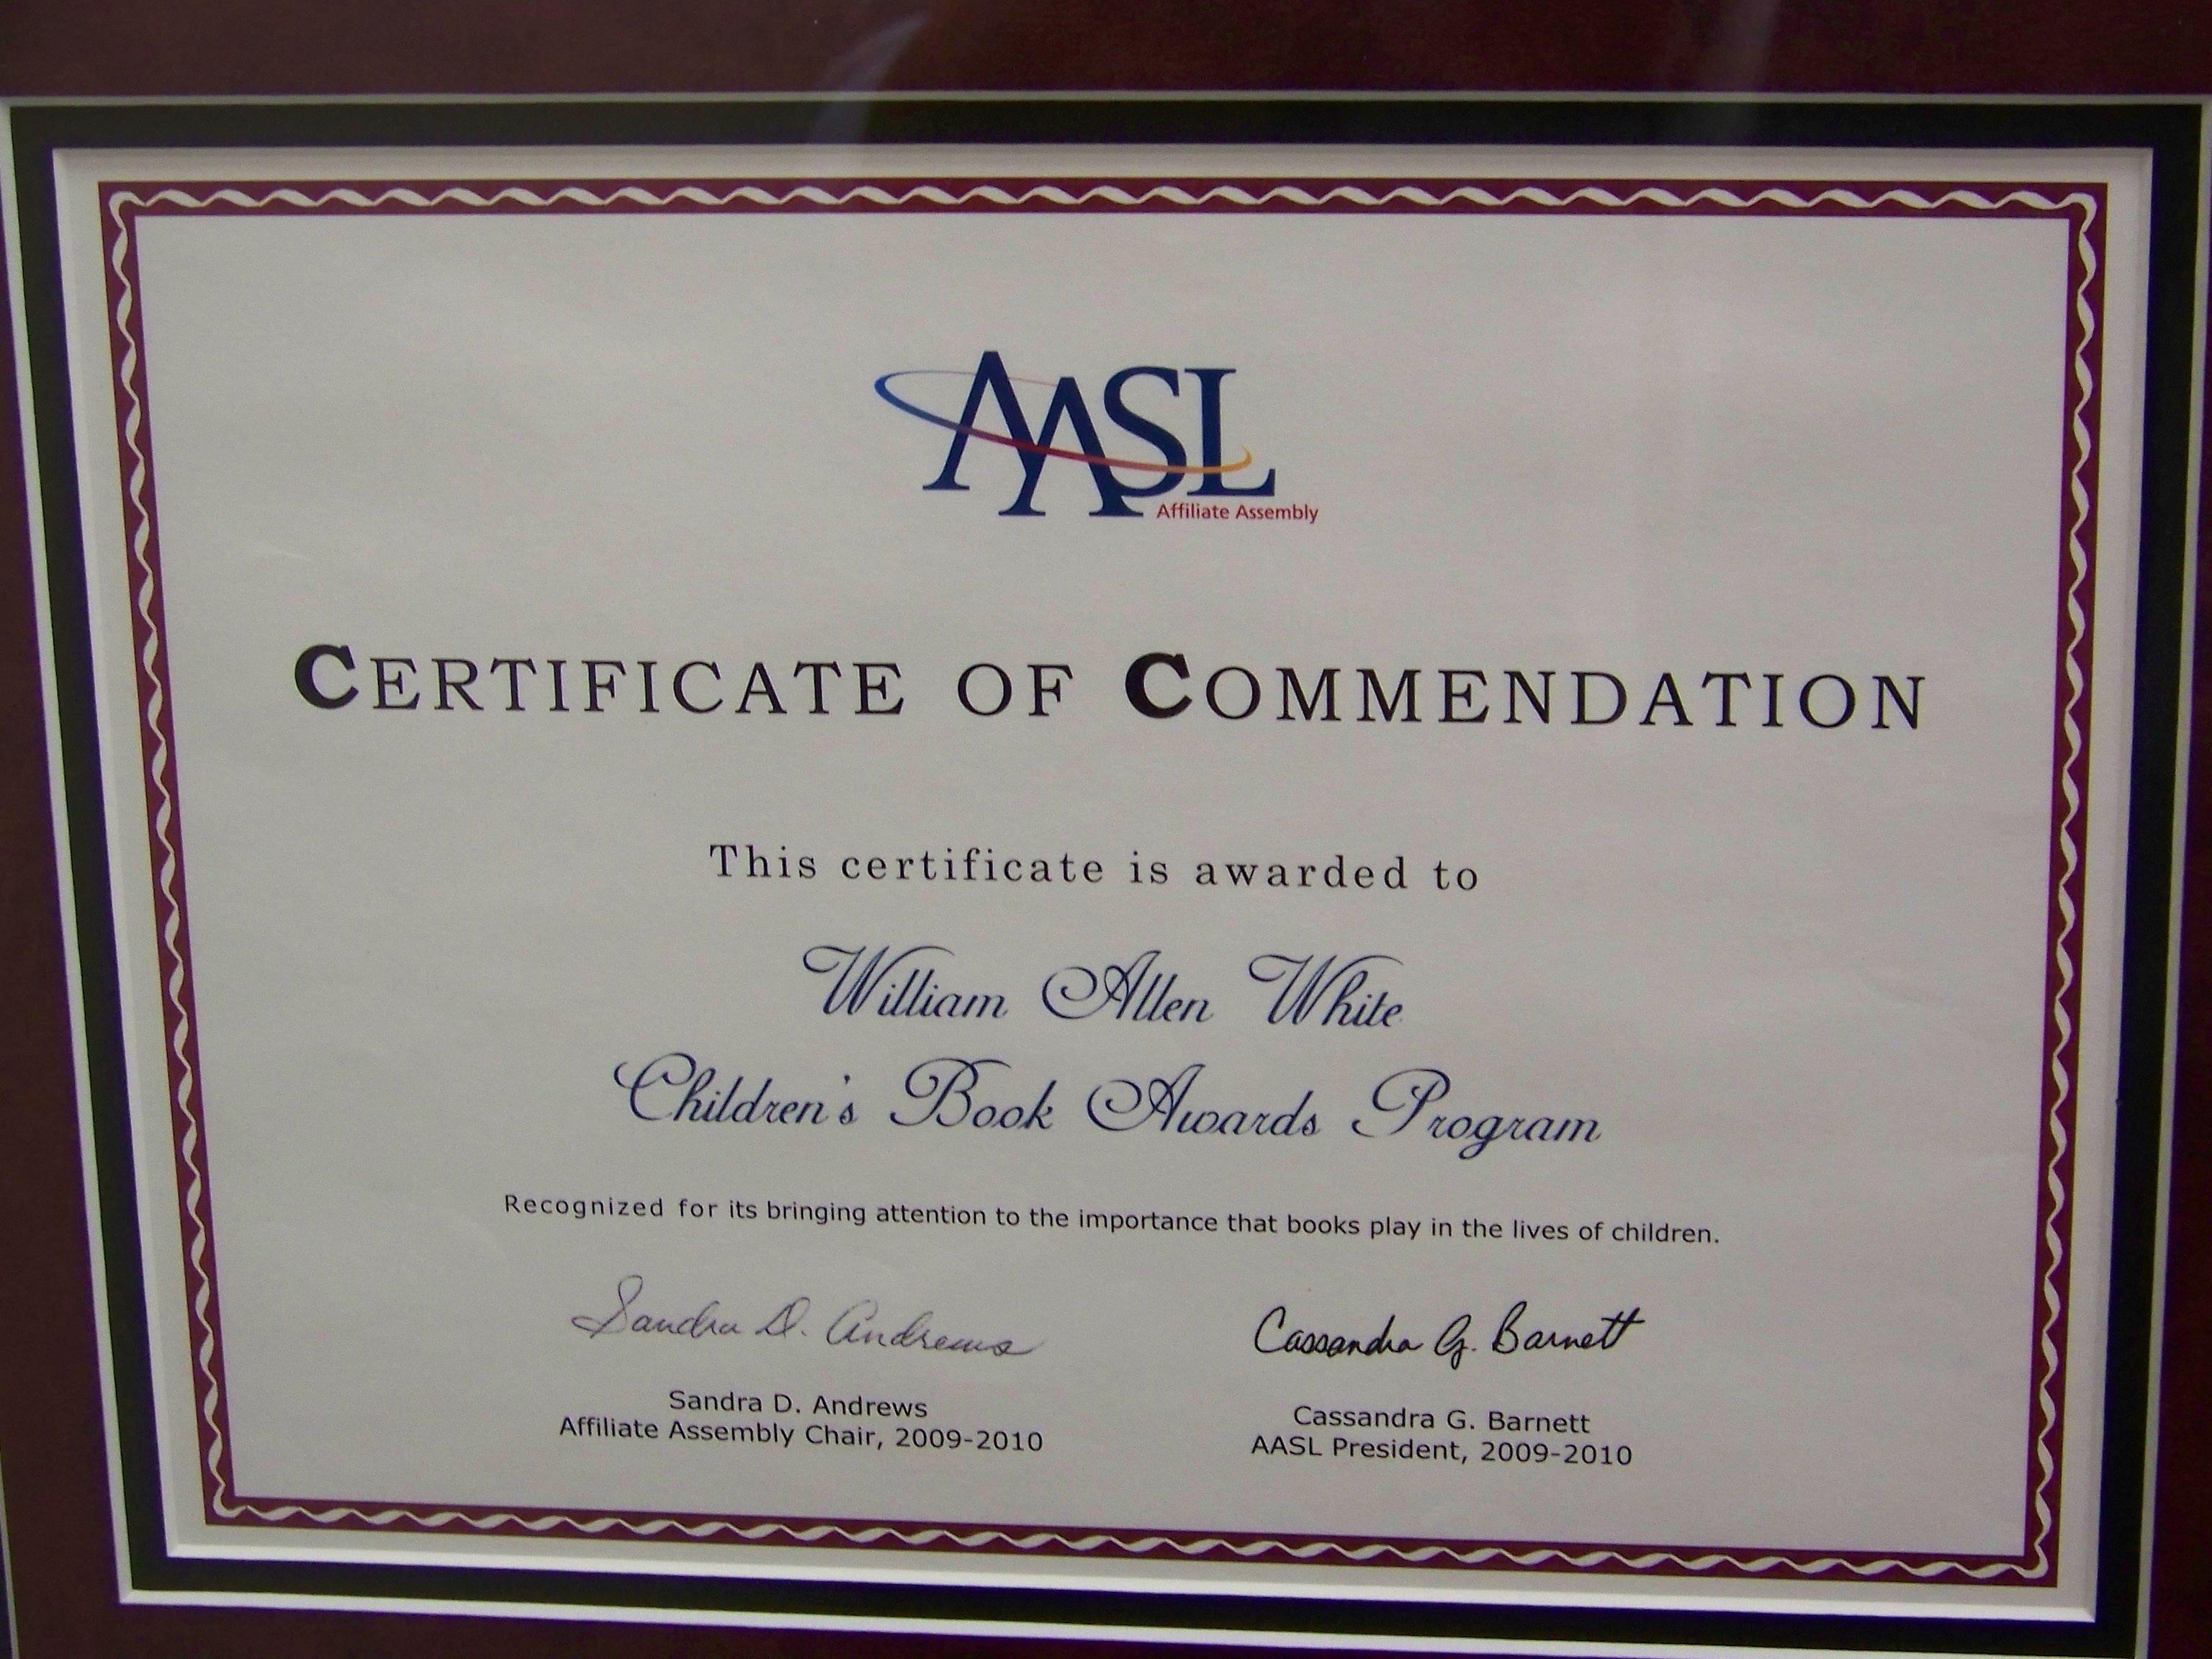 Kasl Aasl Commendation